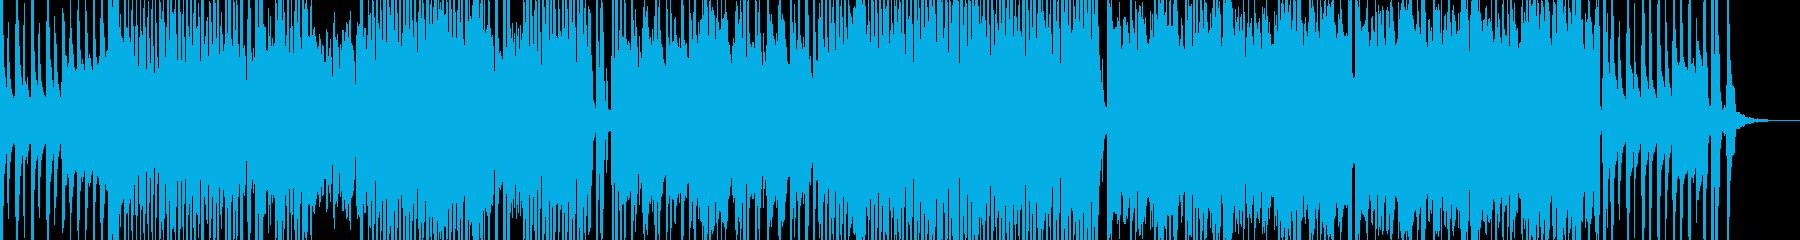 オシャレでポップな弦楽器のBGMの再生済みの波形